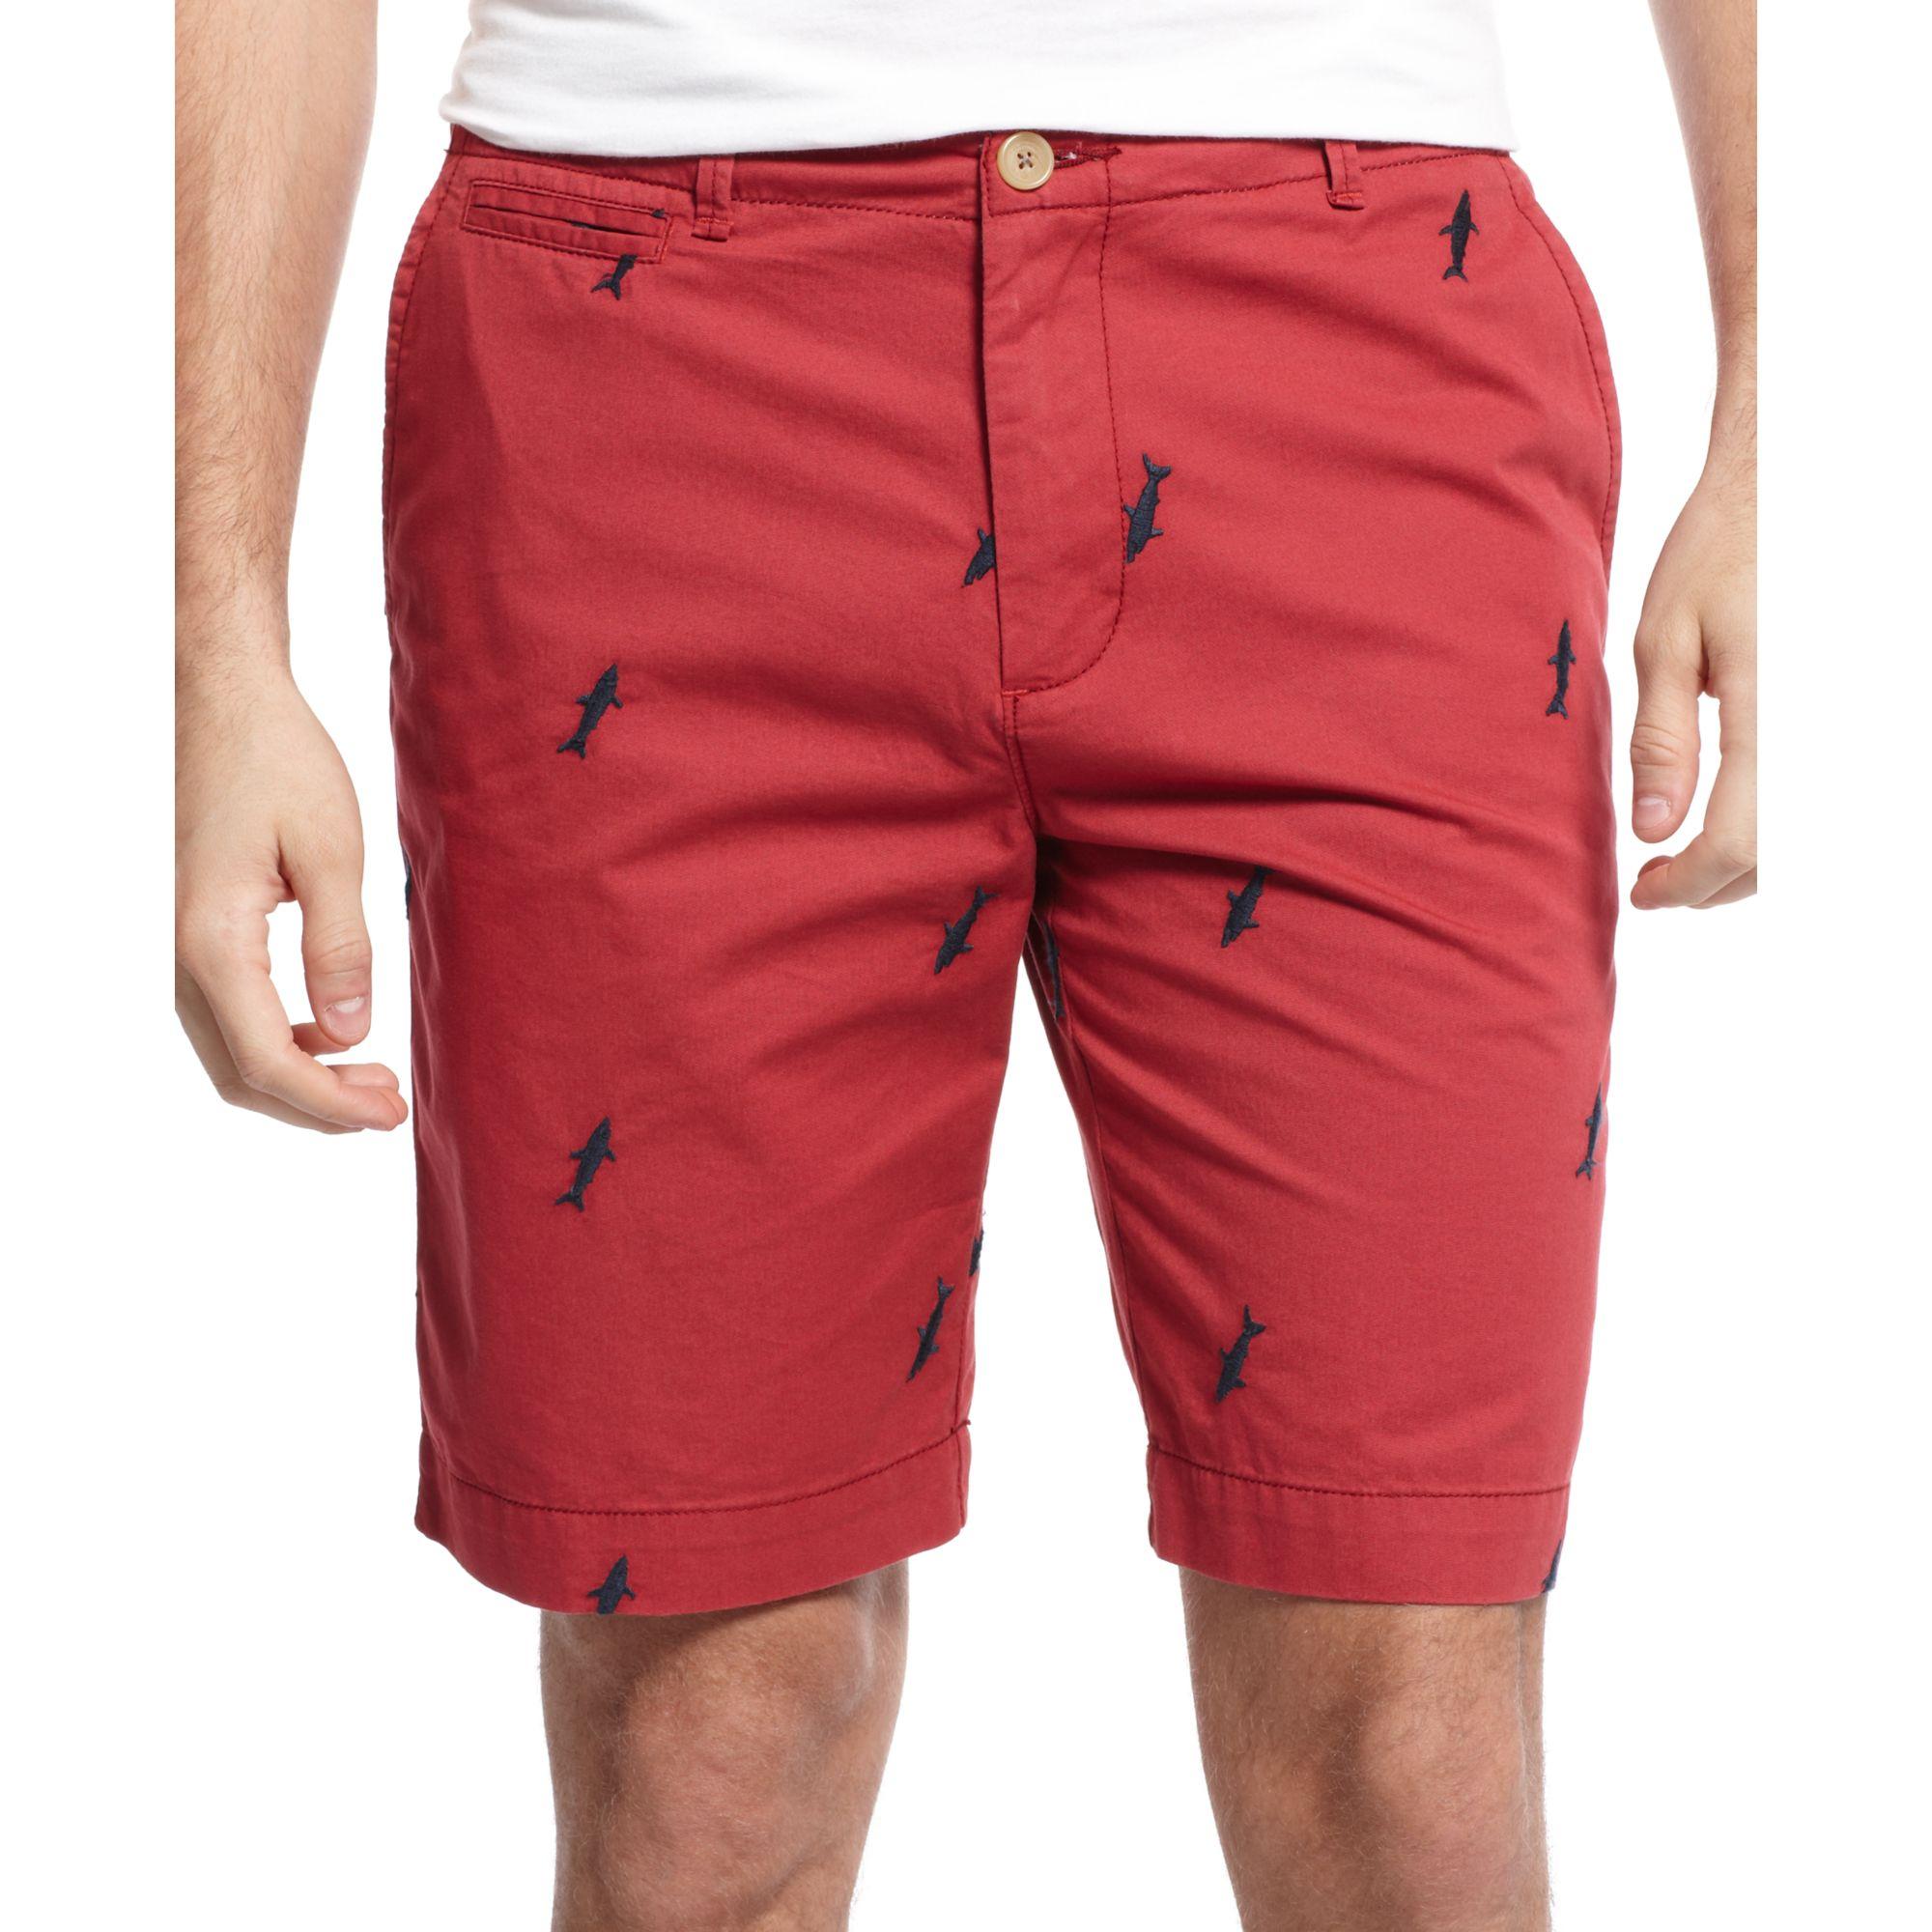 tommy hilfiger shark critter shorts in red for men lyst. Black Bedroom Furniture Sets. Home Design Ideas